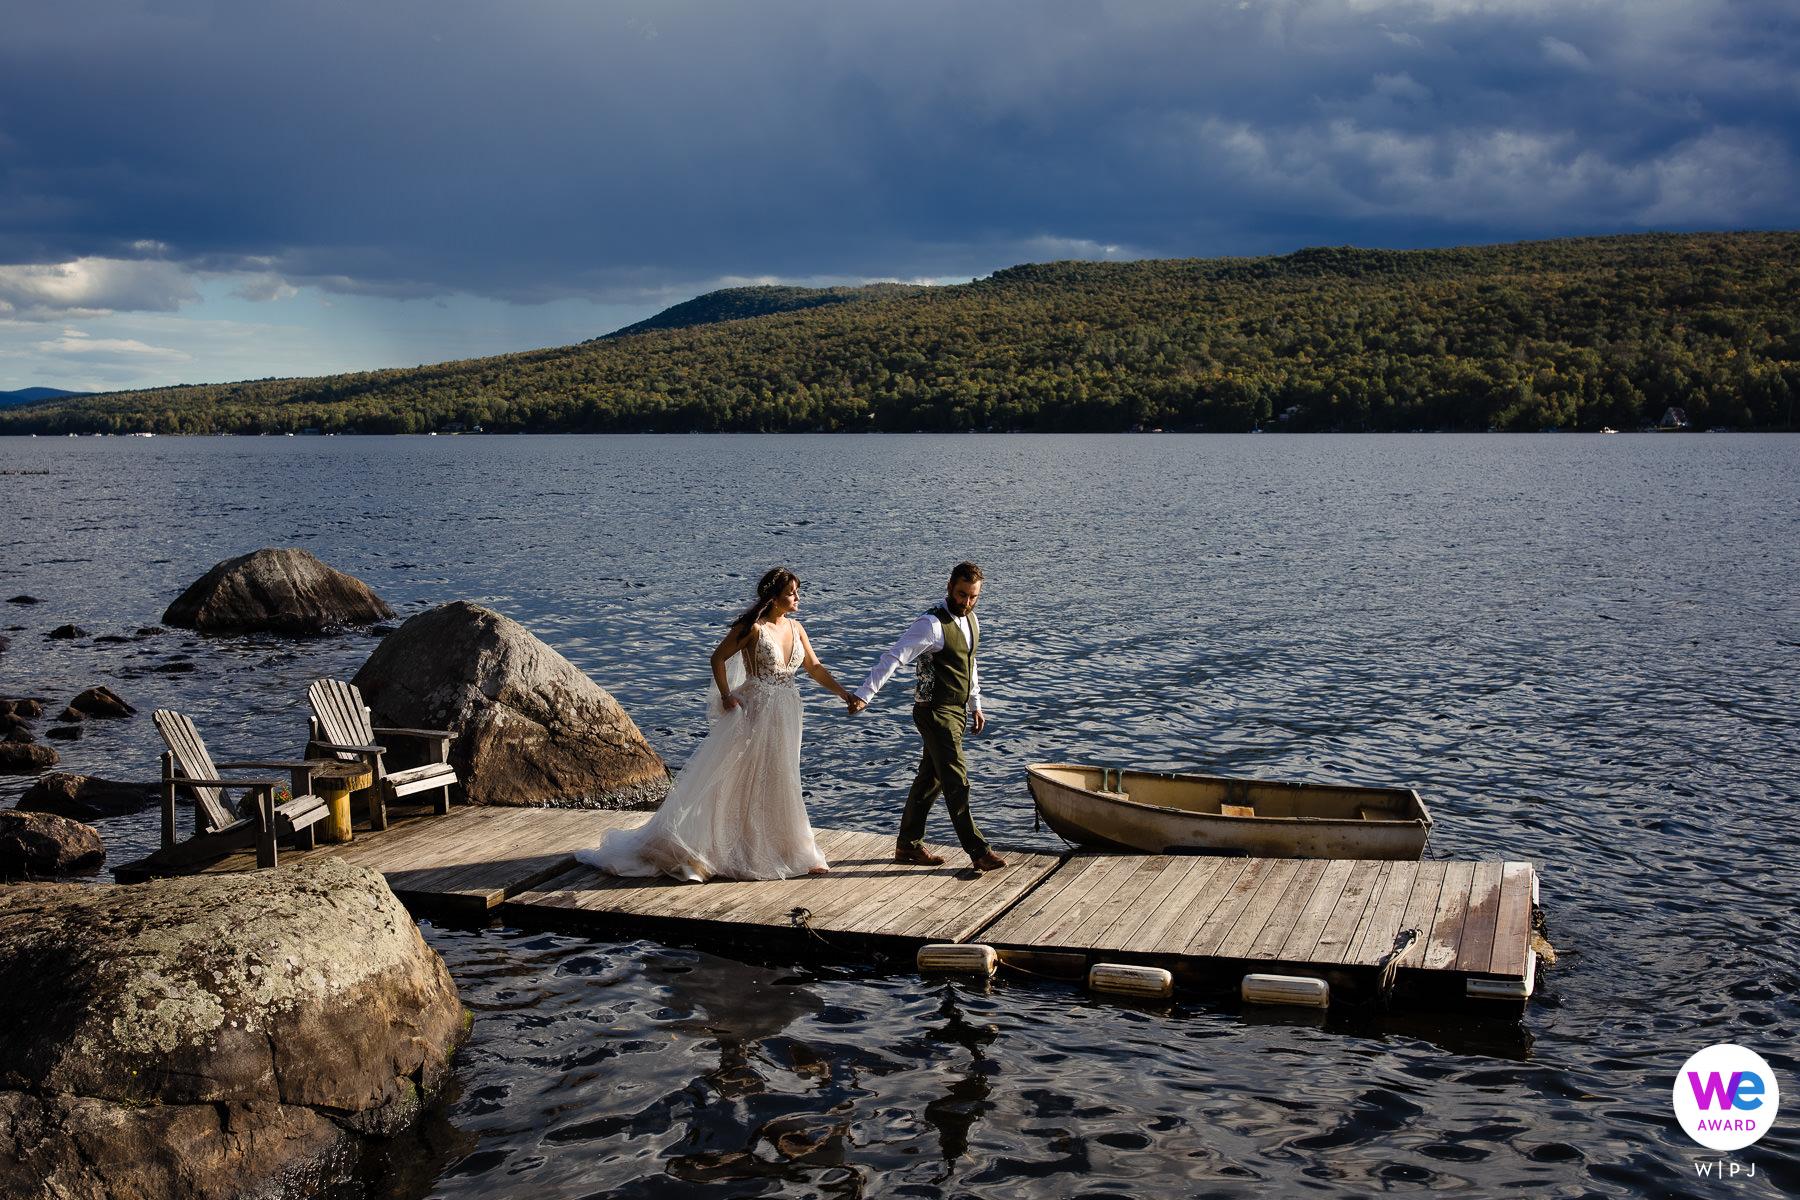 Trouwfotografen in Chateaugay, NY | Het echtpaar wilde foto's maken op de steiger en de bruidegom hielp de bruid naar het einde toe te lopen